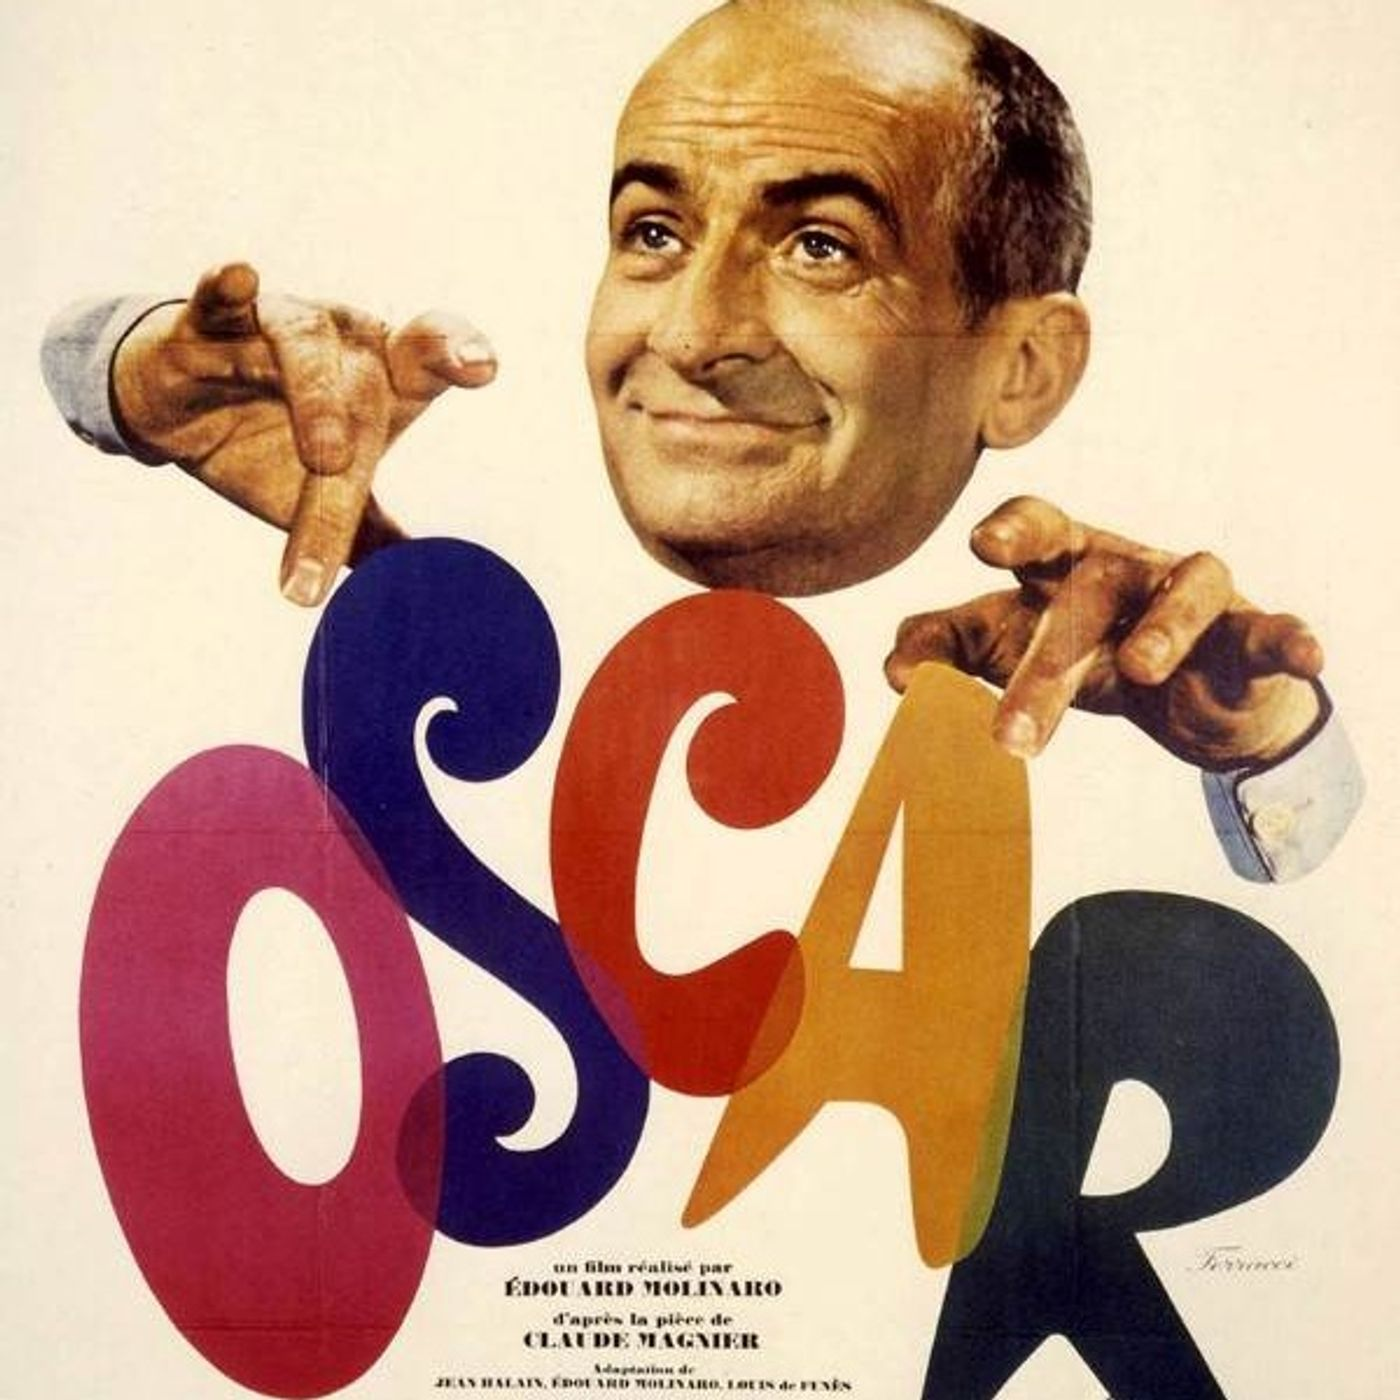 FEUILLETON DE FUNES #16 - Film Oscar